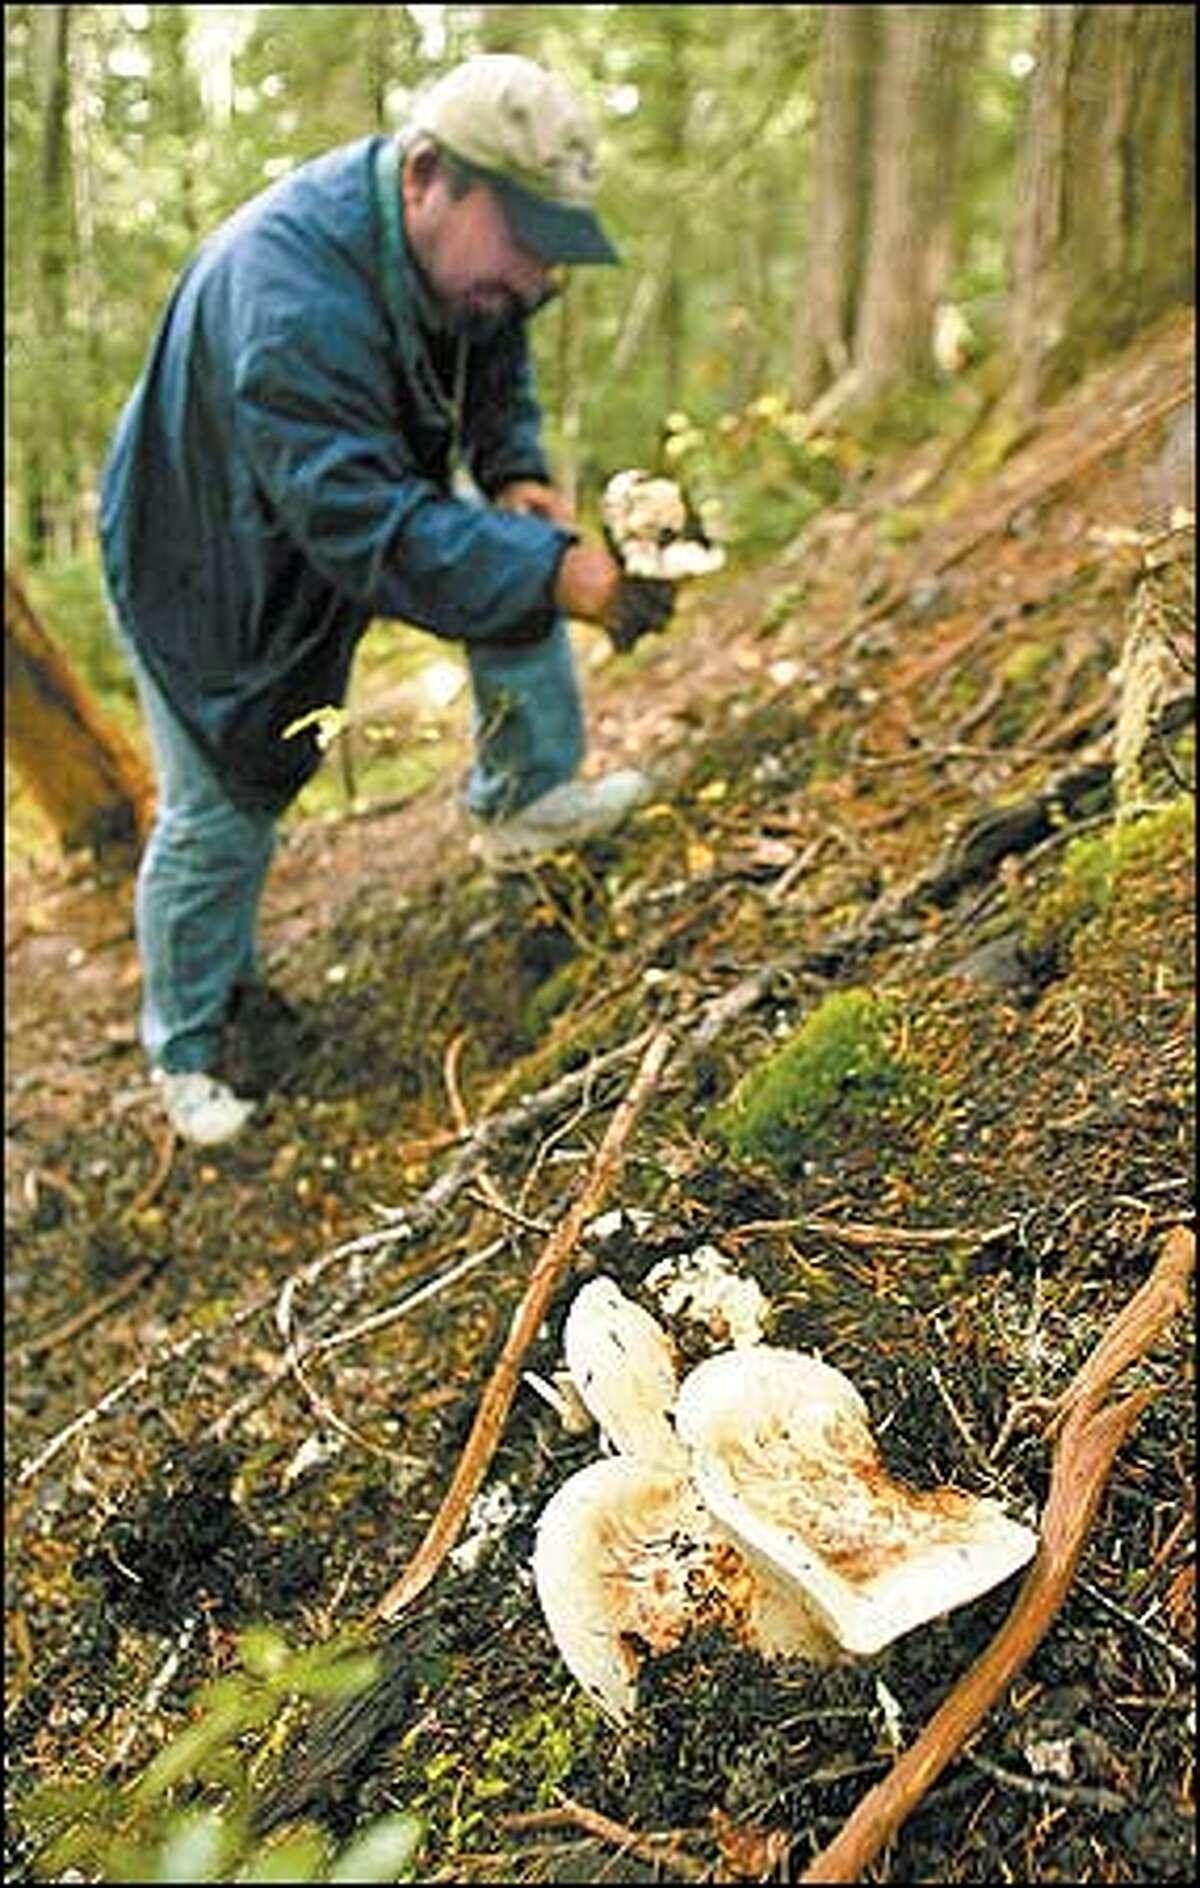 Takemi Sugiyama collects Matsutaki mushrooms in the Cascades.